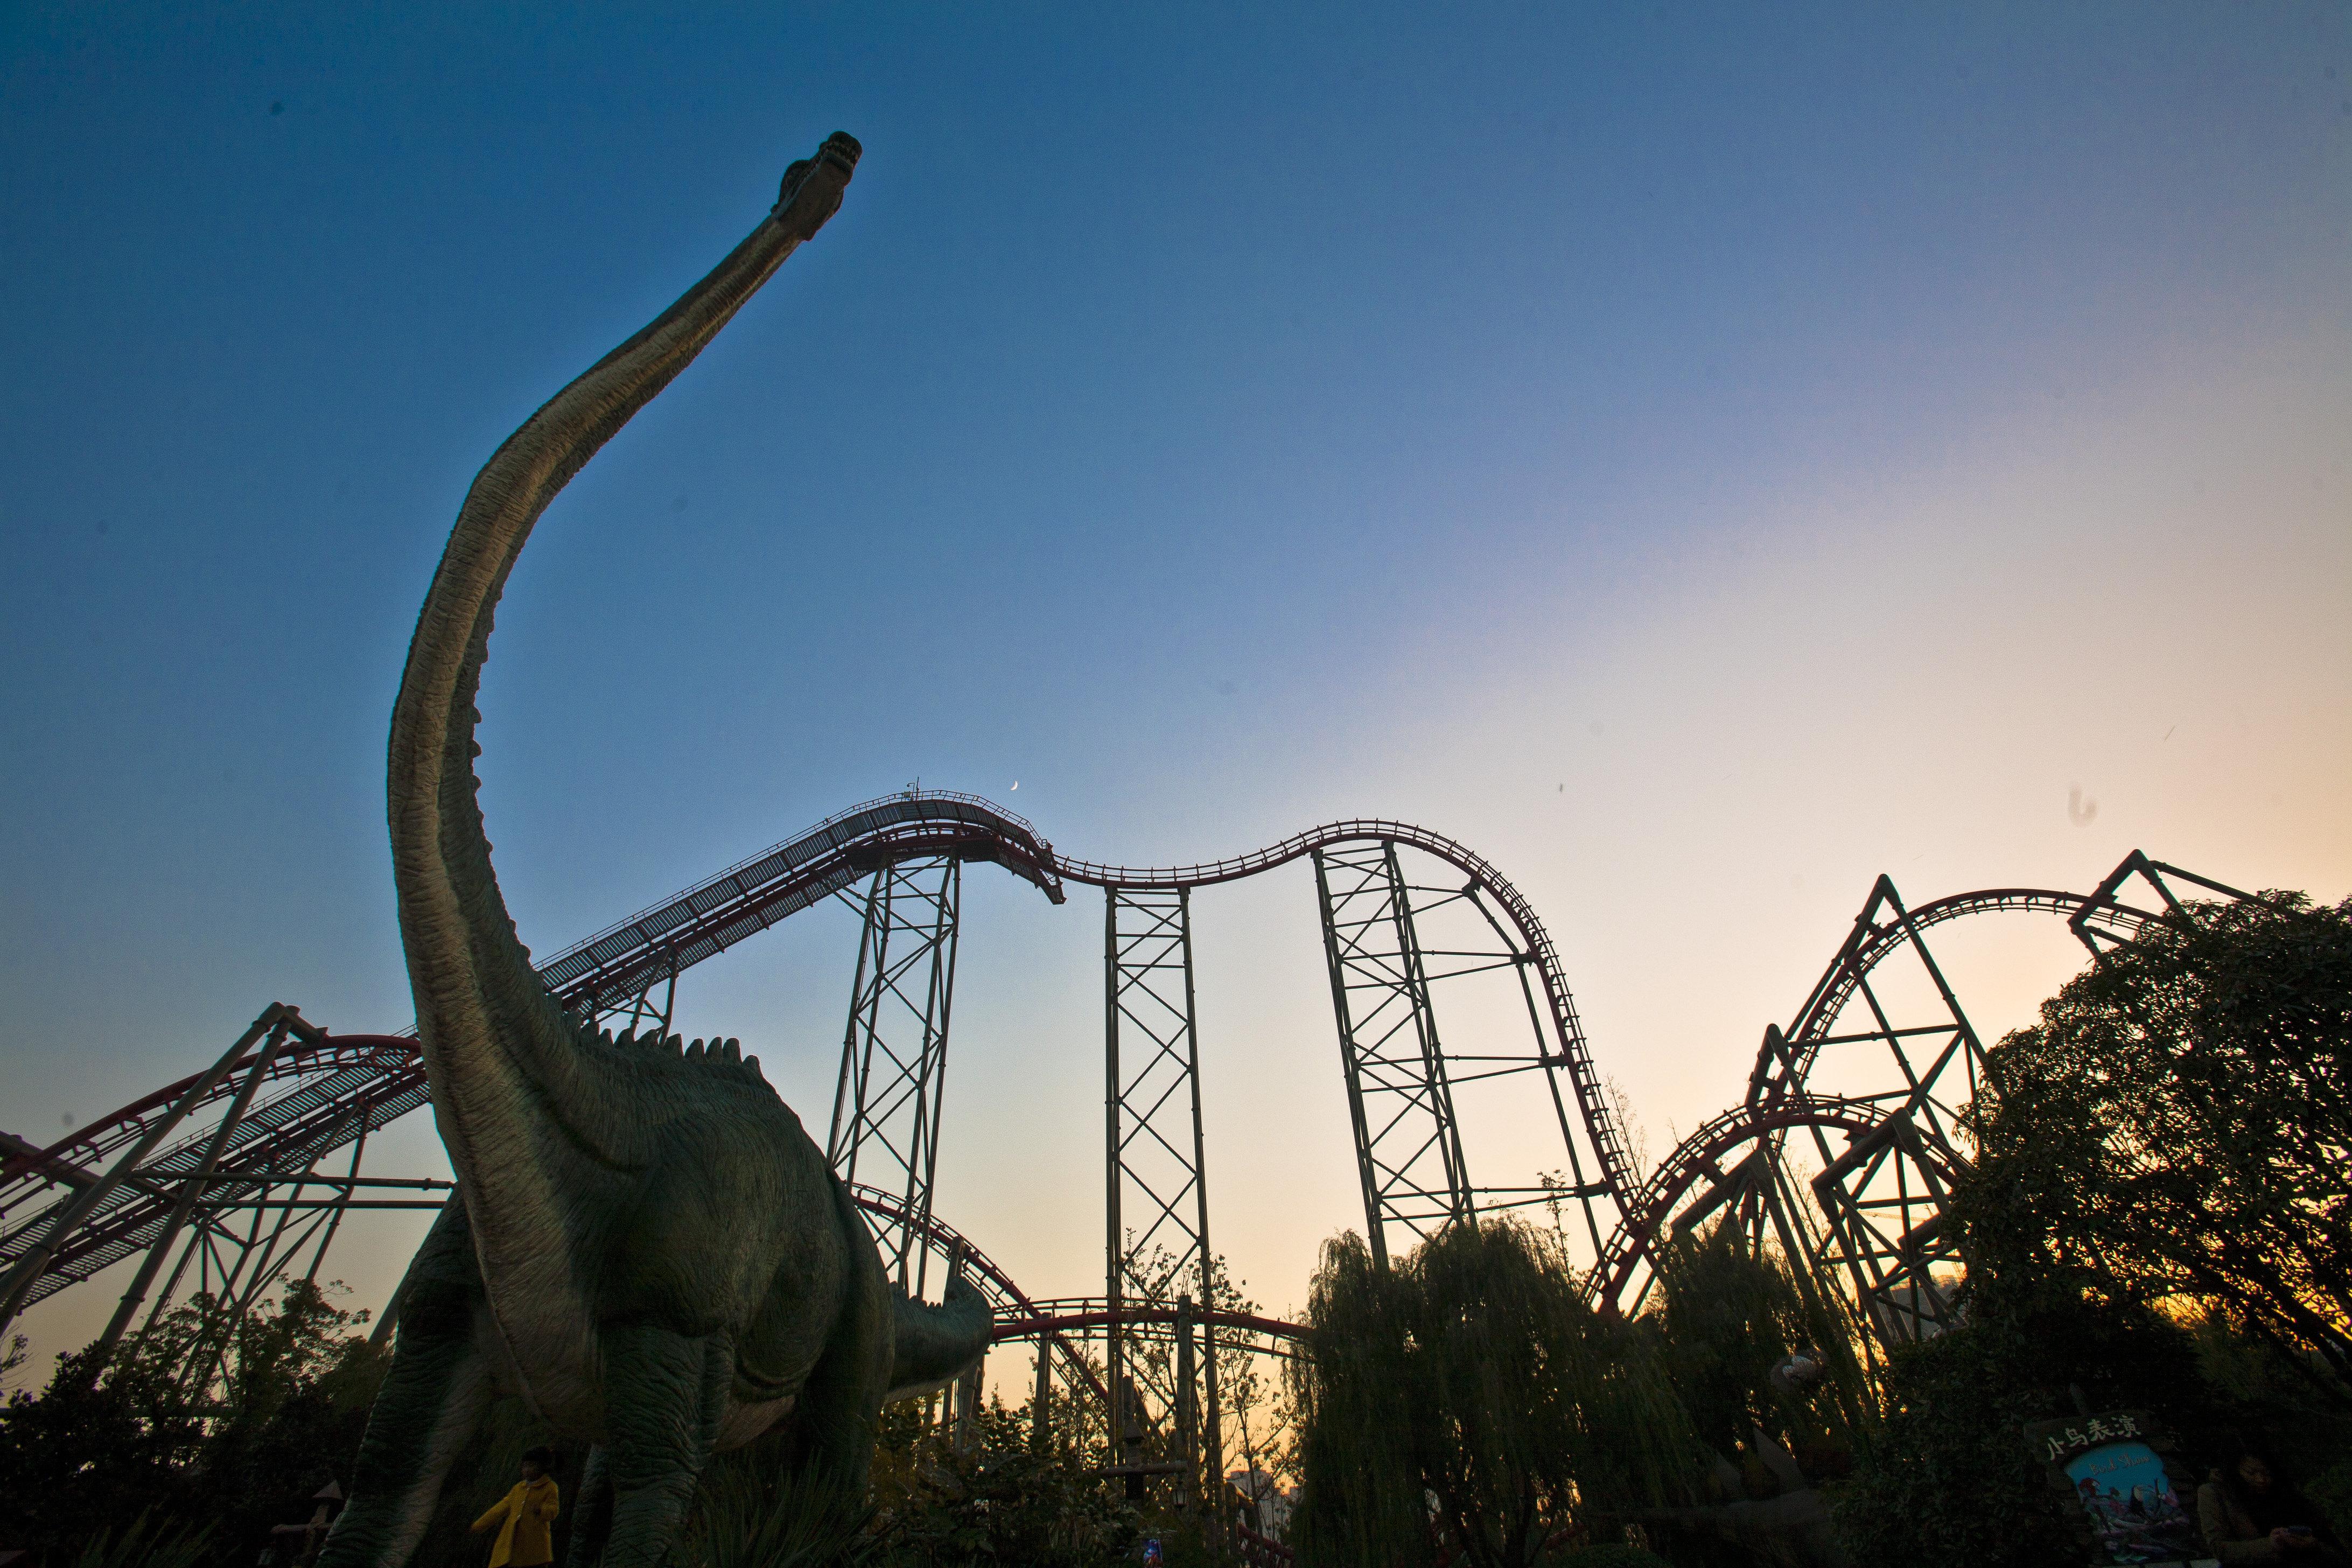 6.24恐龙主题大课堂 特价 常州环球恐龙城恐龙主题度假酒店1晚 酒店套